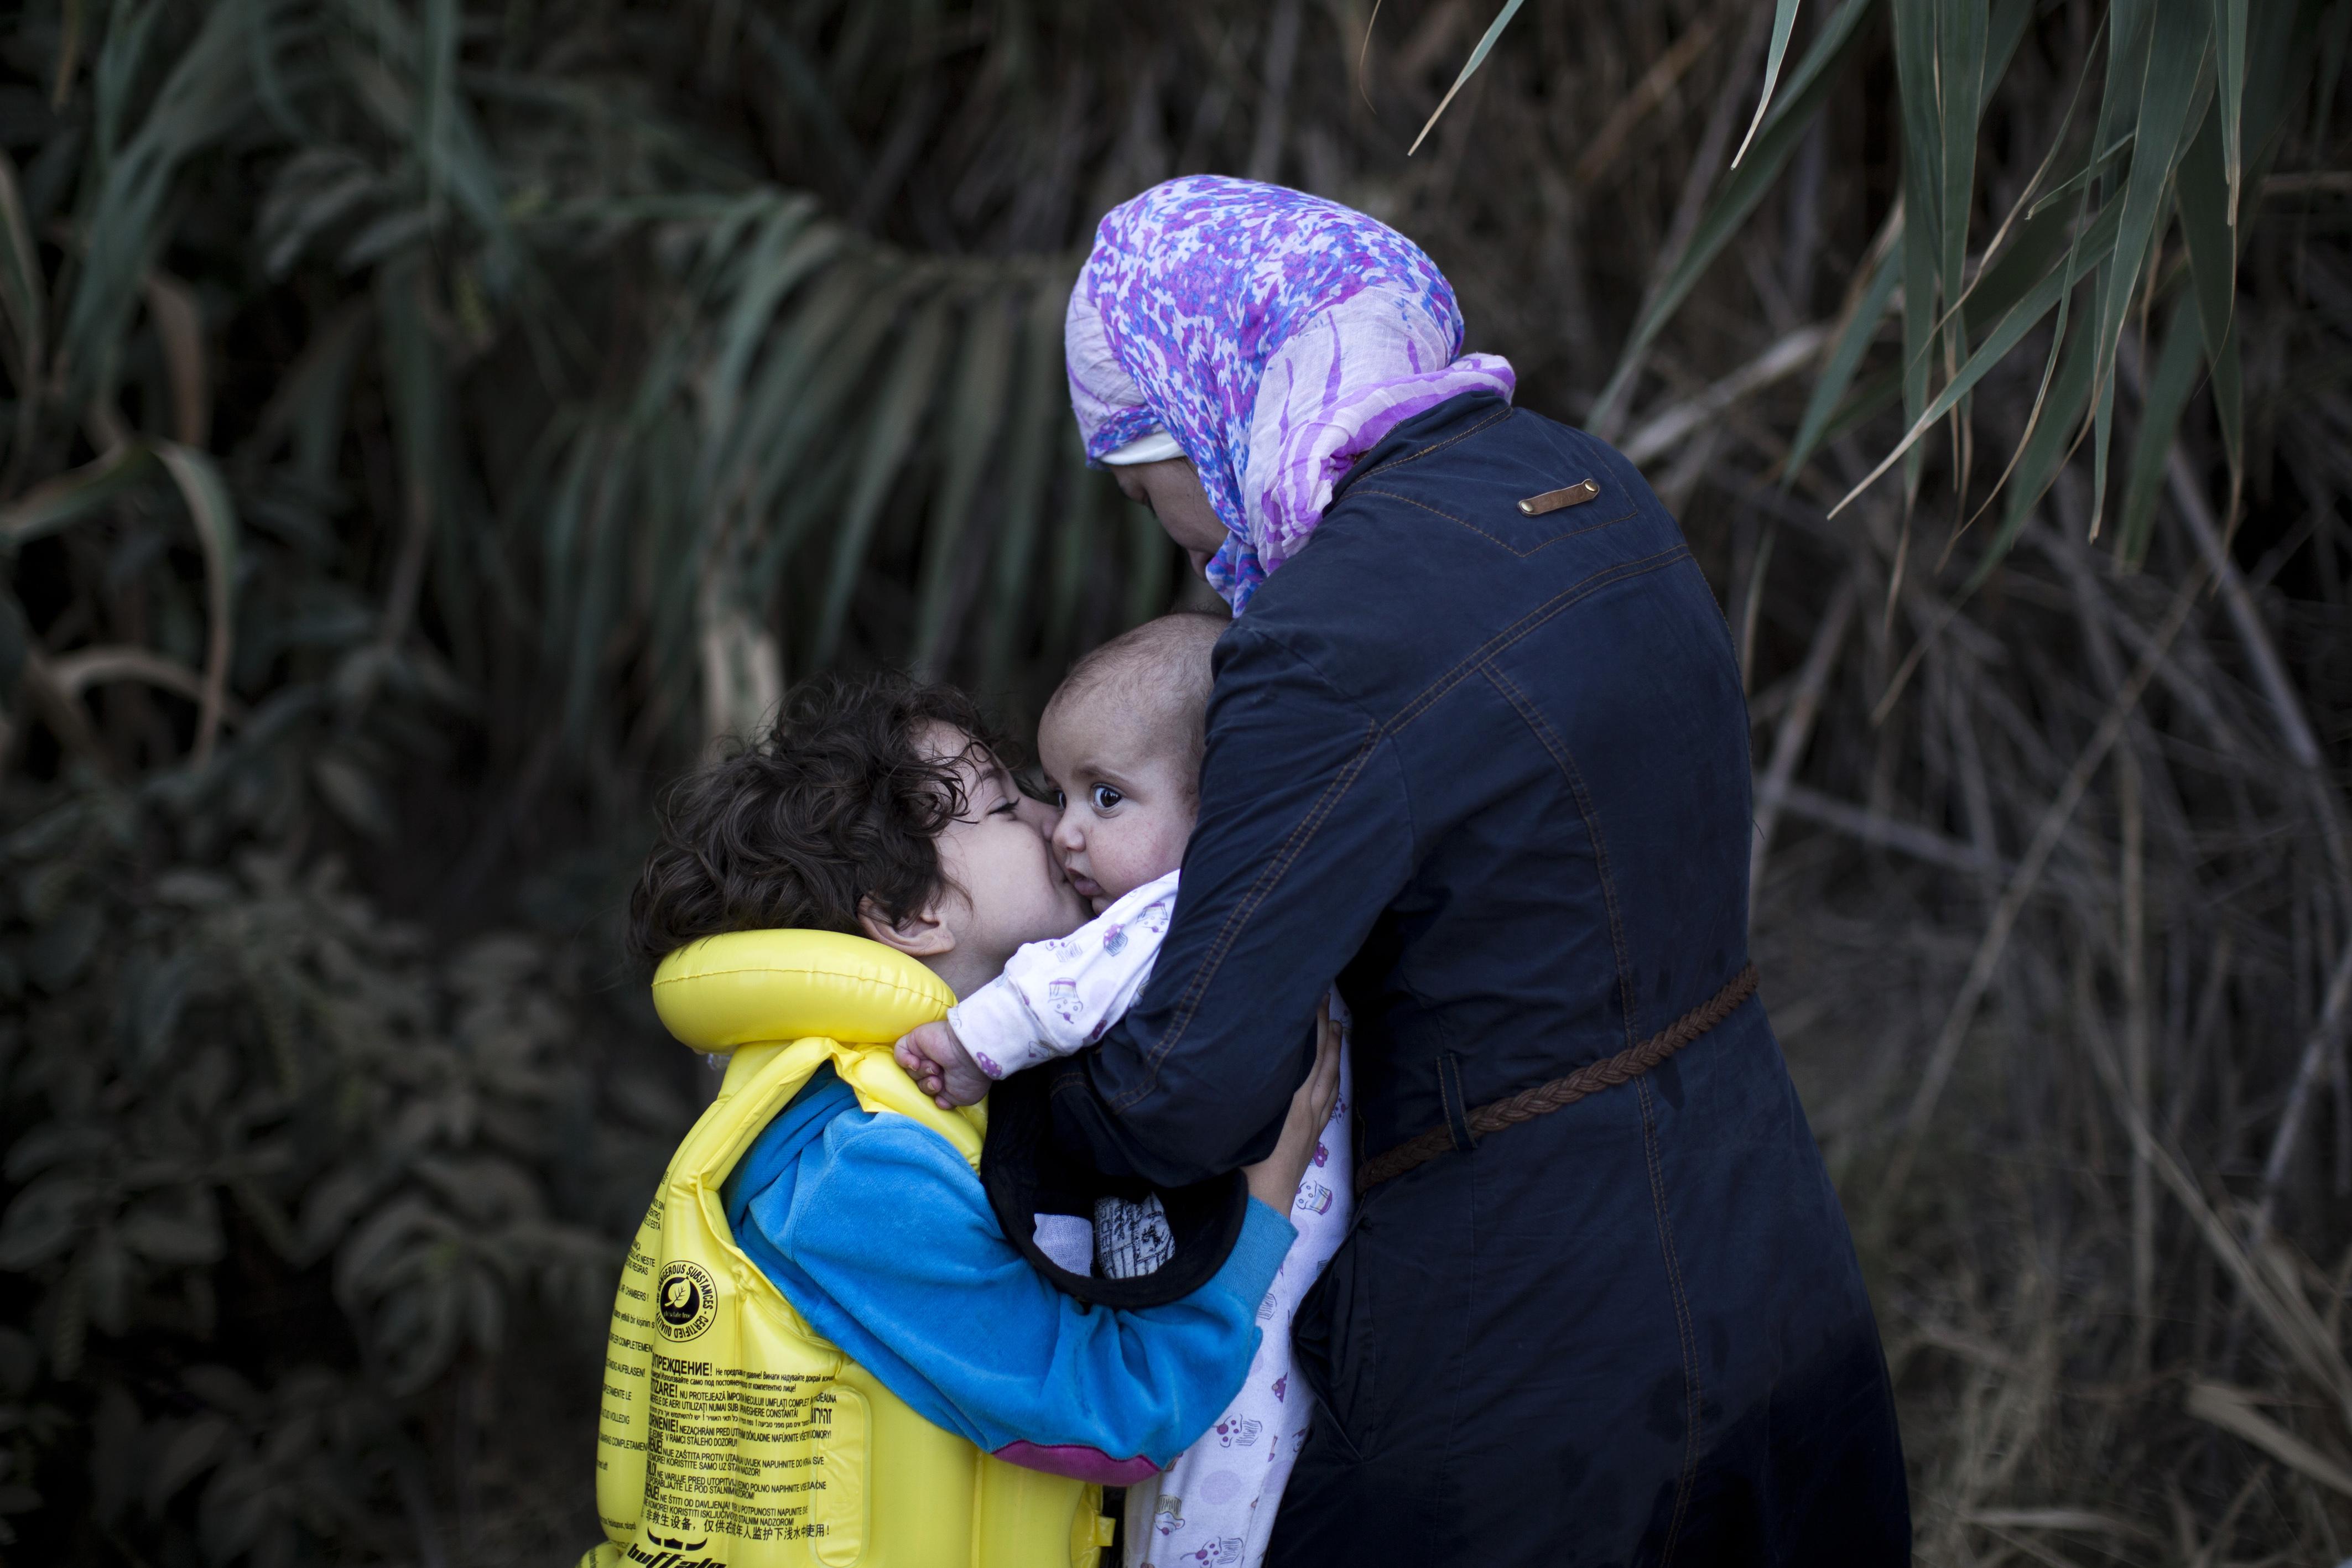 أم وطفلاها بعد وصولم إلى جزيرة ليسبوس اليونانية قادمين من تركيا